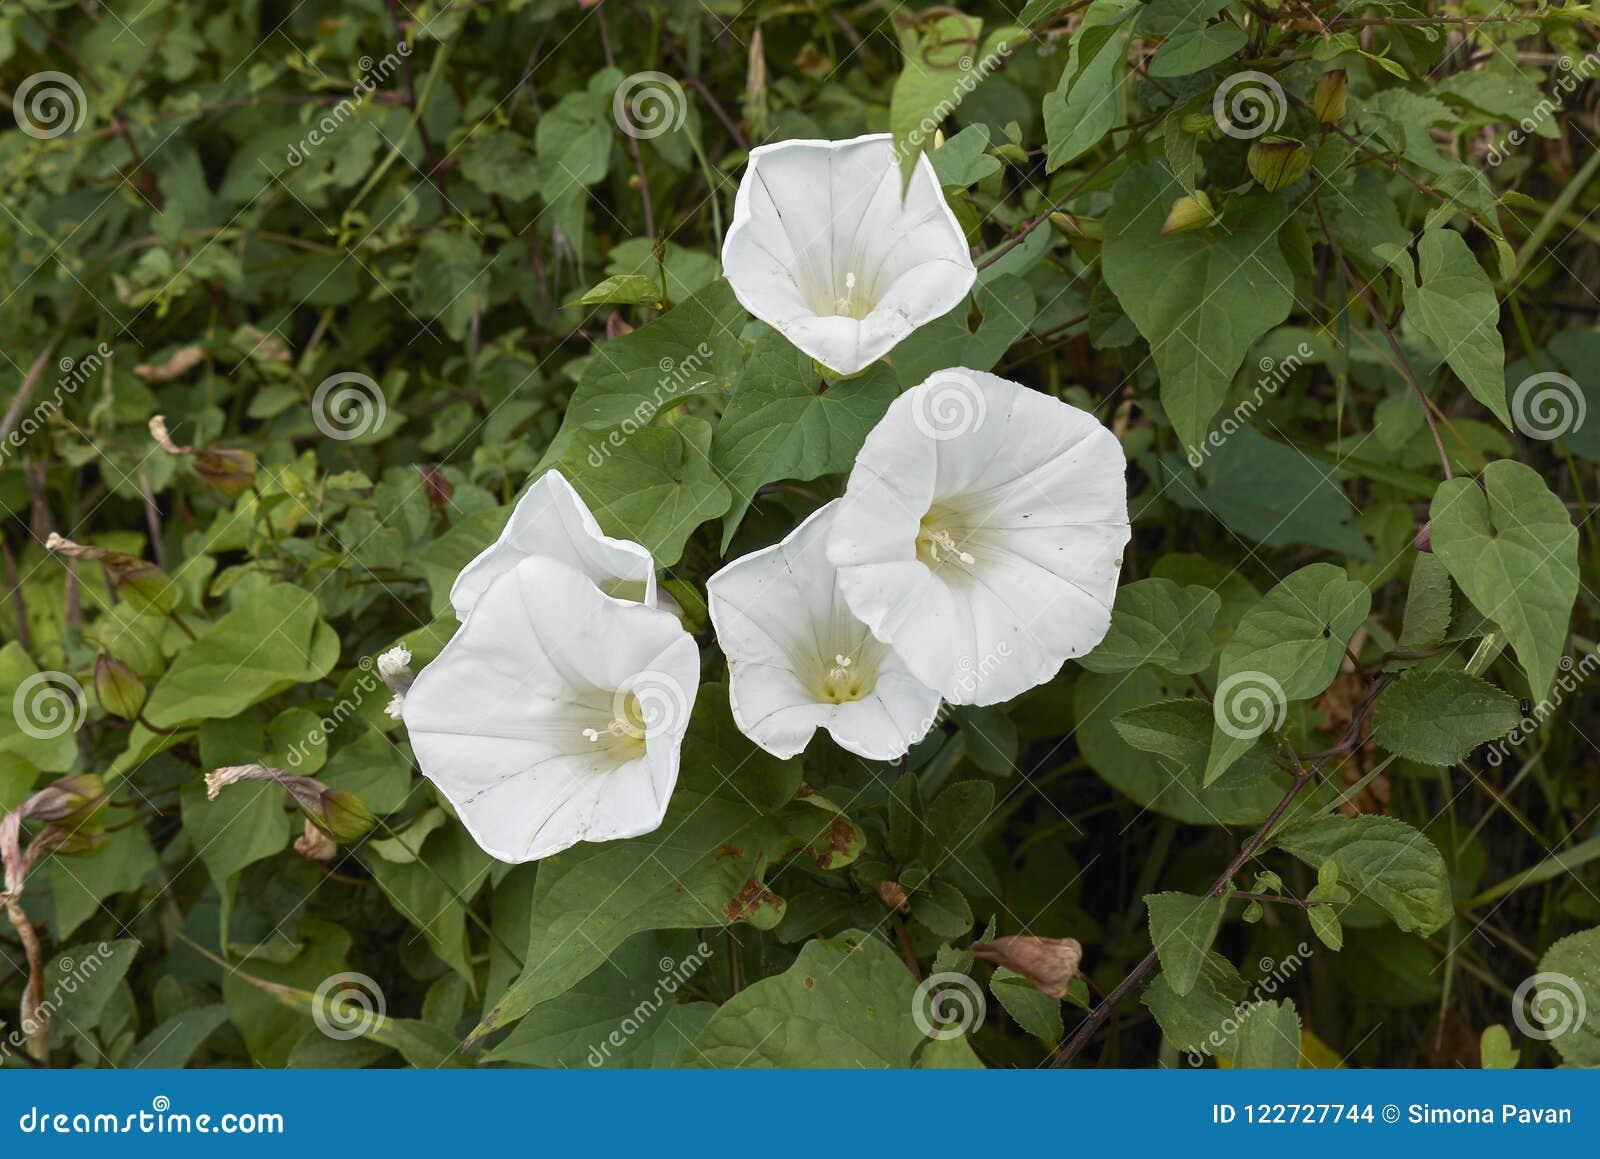 Witte bloemen van Calystegia-silvaticainstallaties